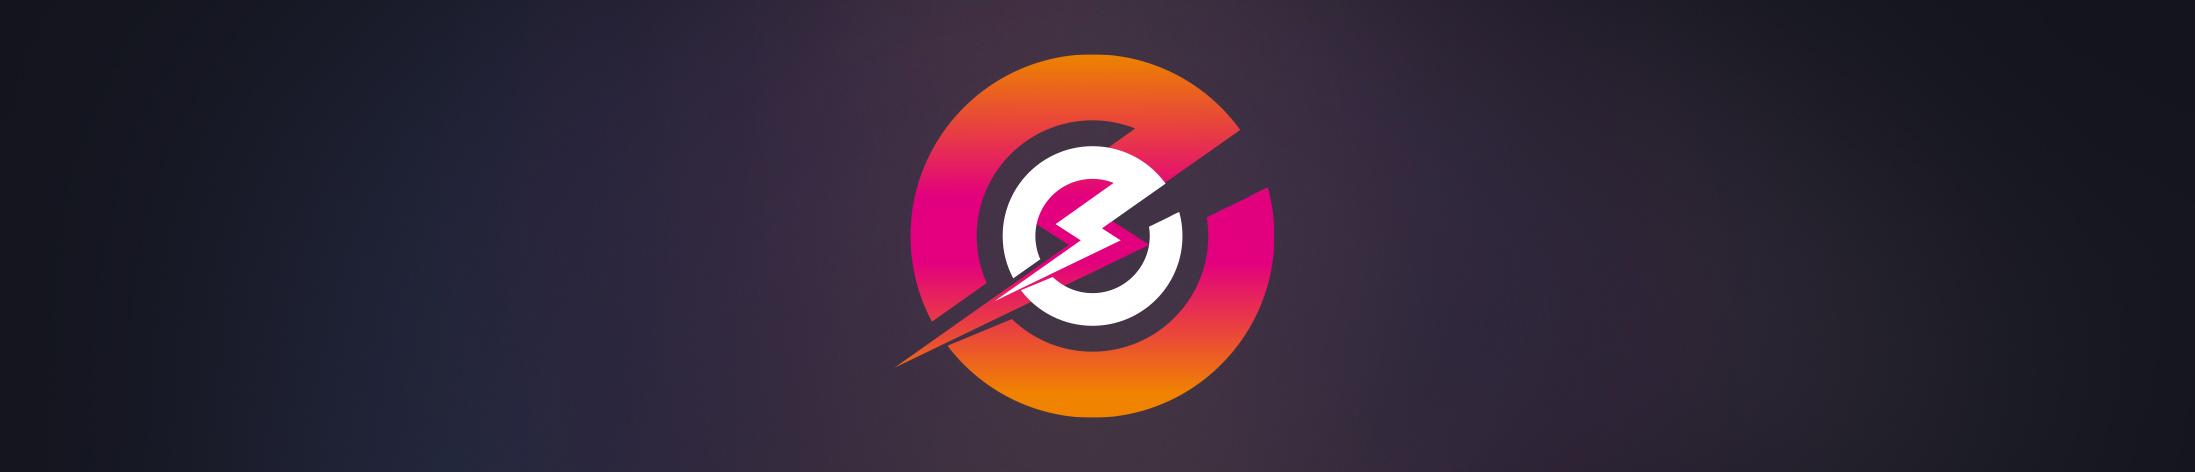 plaer logo-last1